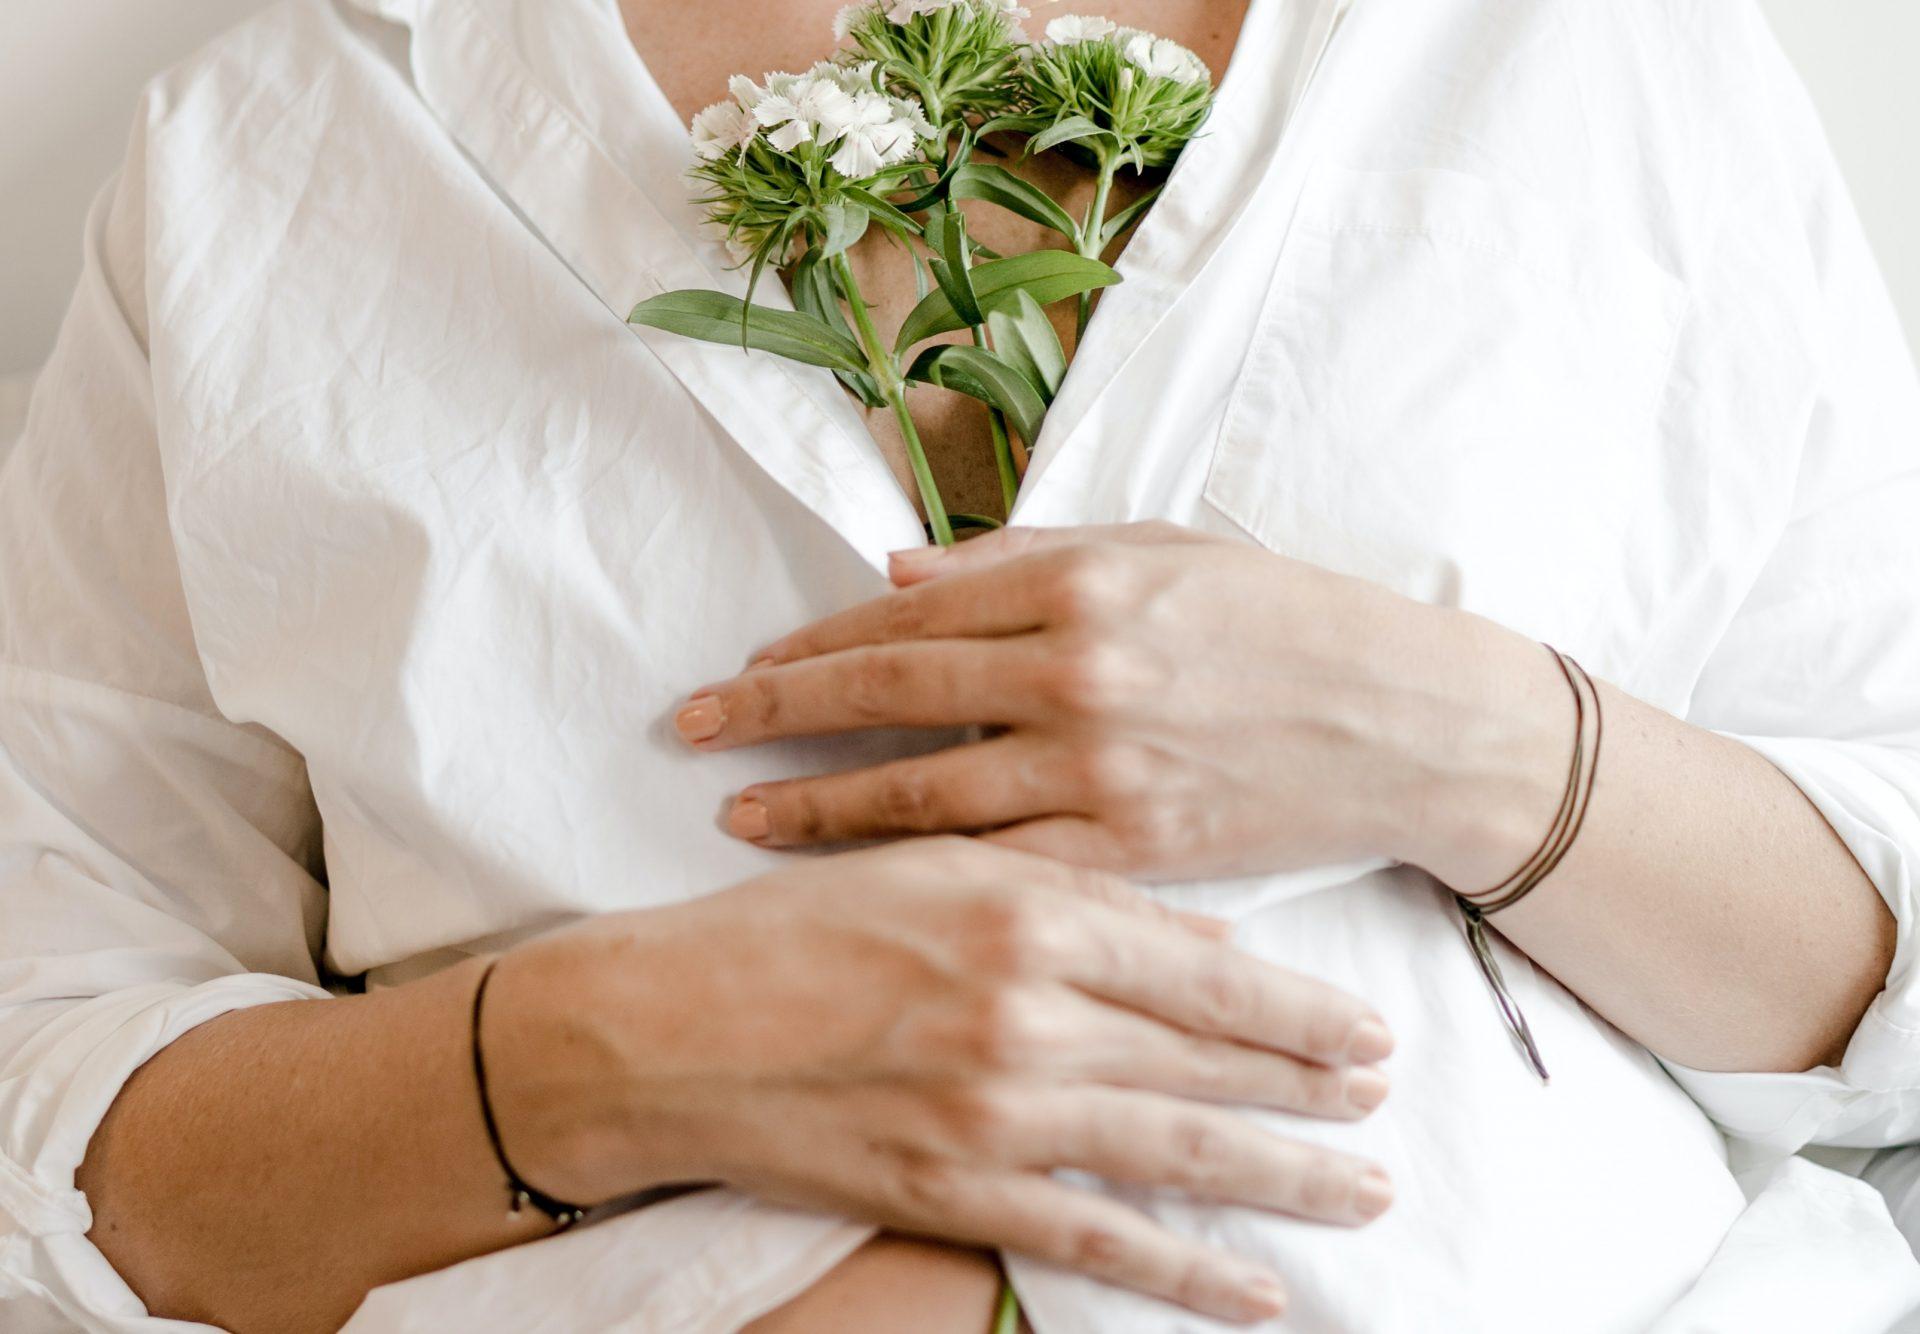 Zwangerschapsvergiftiging: dit wil je erover weten.